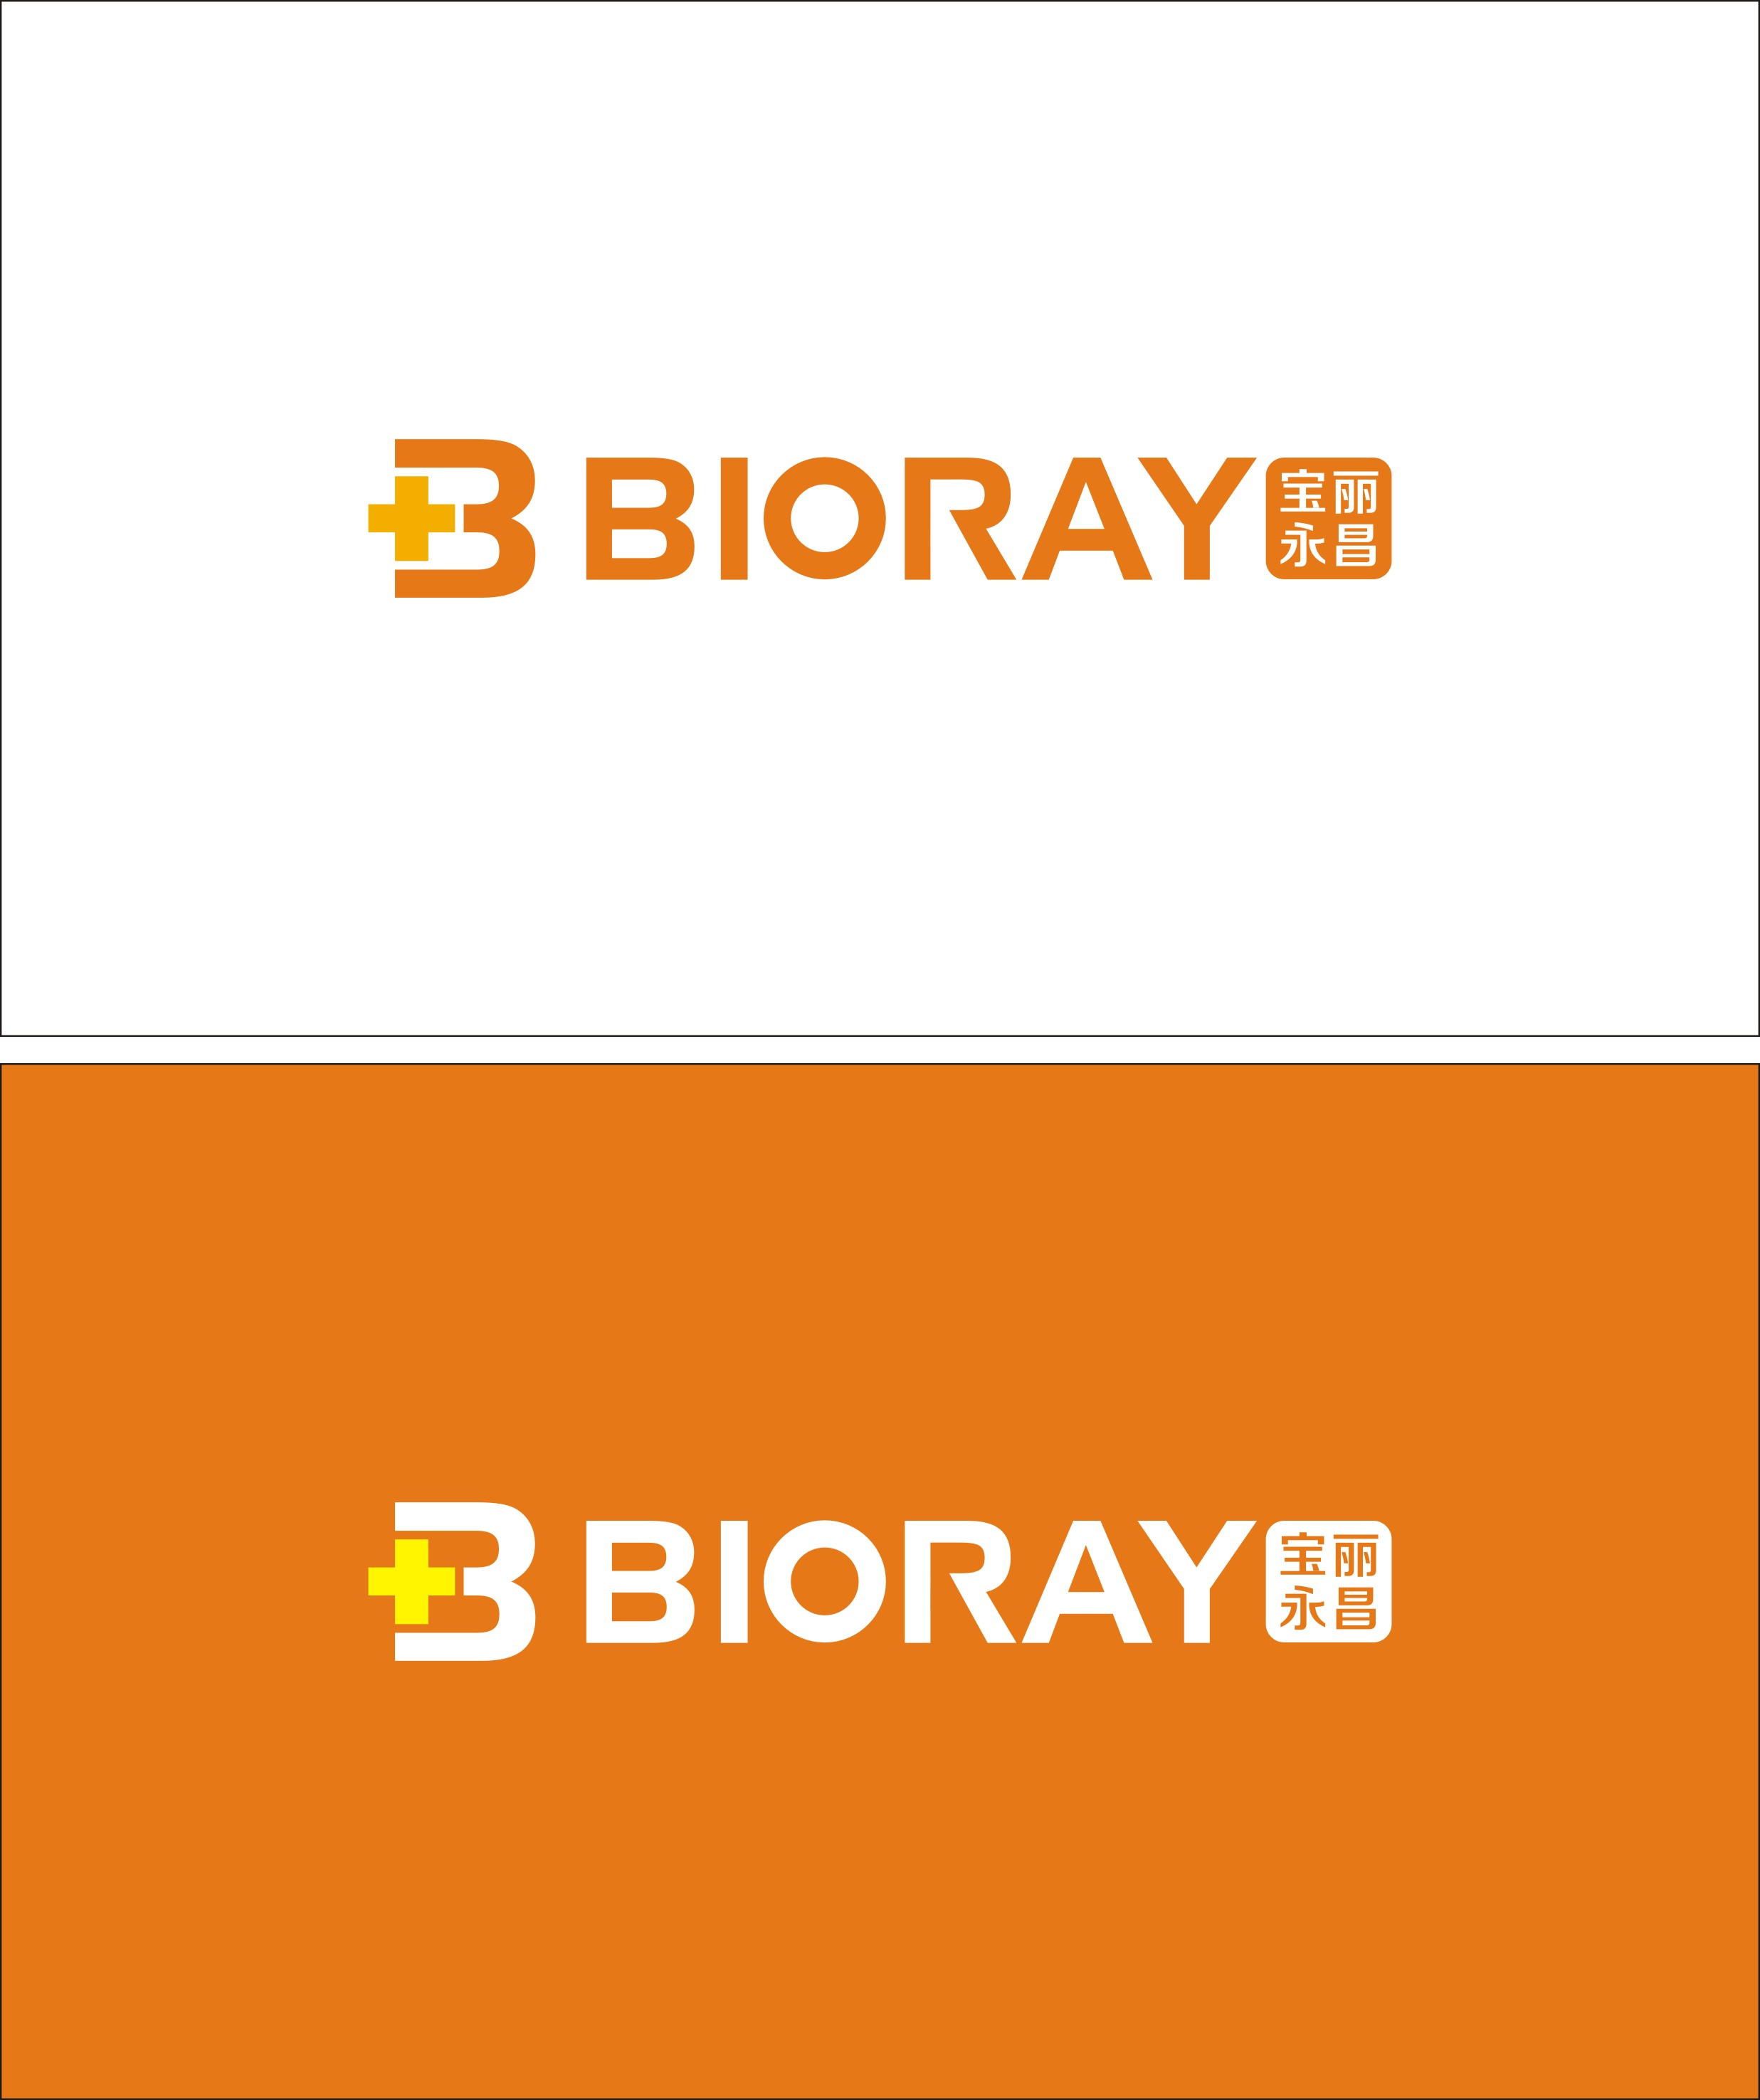 logo设计(新要求)_2941108_k68威客网